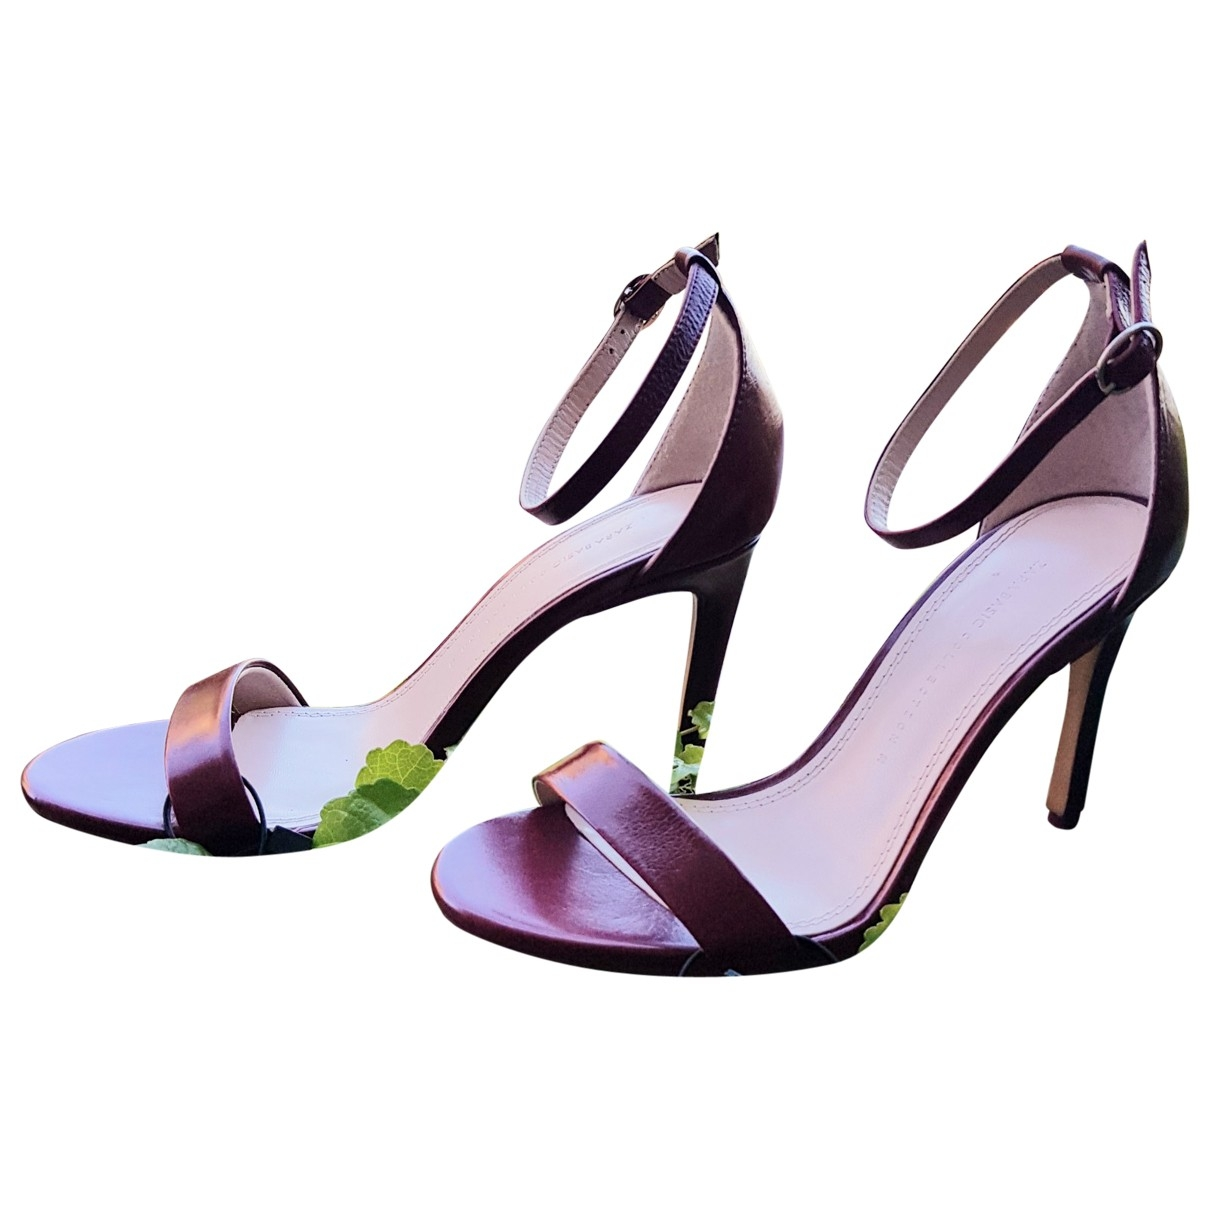 Zara - Sandales   pour femme en fourrure - bordeaux